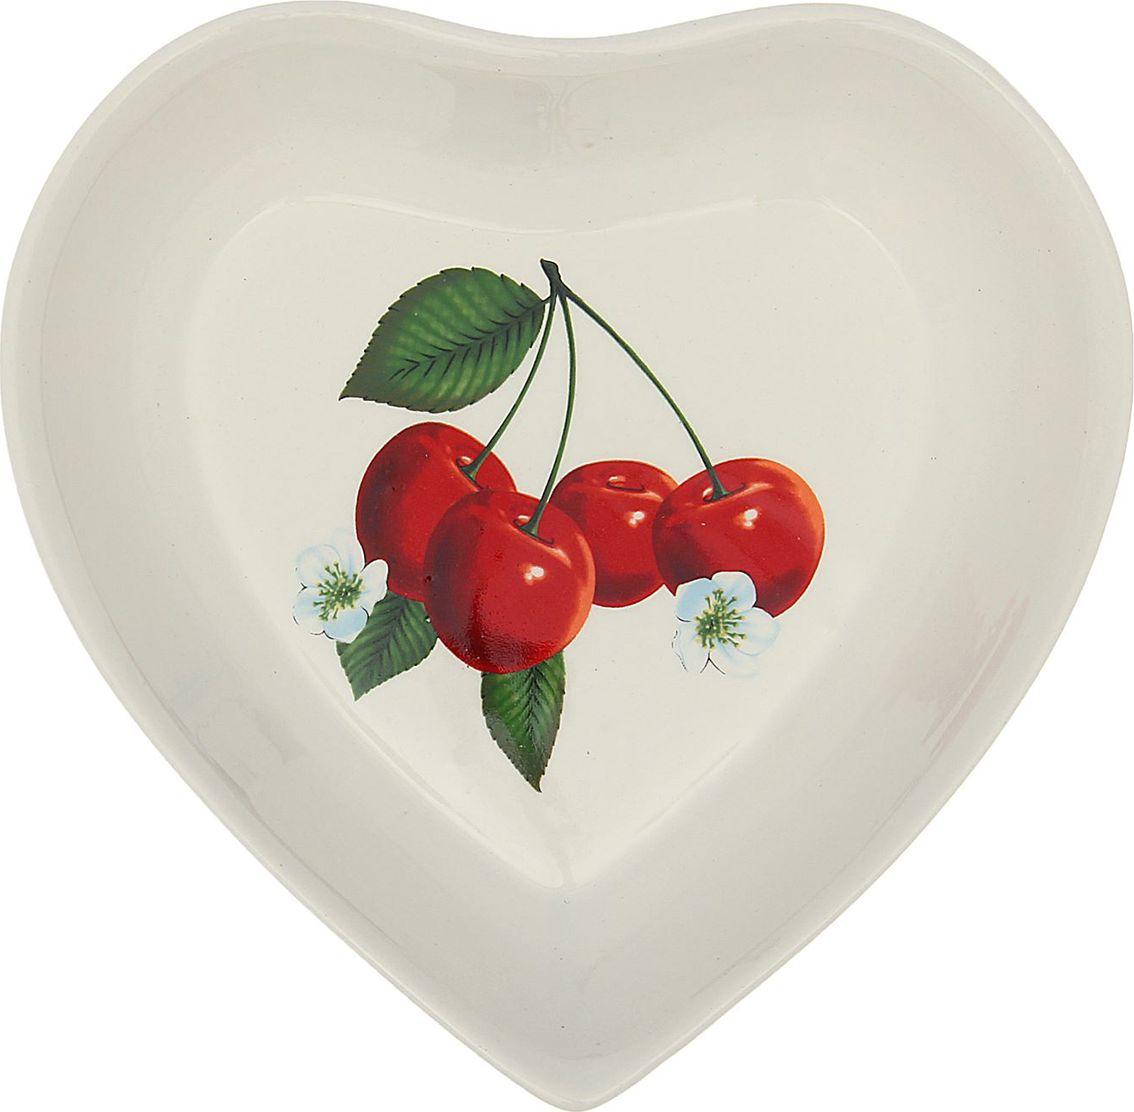 Салатник Керамика ручной работы Сердце. Вишня, 500 мл. 16473021647302Такой салатник понравится любителям вкусной и полезной домашней пищи. Такая посуда практична и красива, в ней можно хранить и подавать разнообразные блюда. При многократном использовании изделие сохранит свой вид и выдержит мытьё в посудомоечной машине. В керамической ёмкости горячая пища долго сохраняет своё тепло, остуженные блюда остаются прохладными. Изделие не выделяет вредных веществ при нагревании и длительном хранении за счёт экологичности материала. Блюда, поданные в такой посуде, выглядят привлекательно и аппетитно.